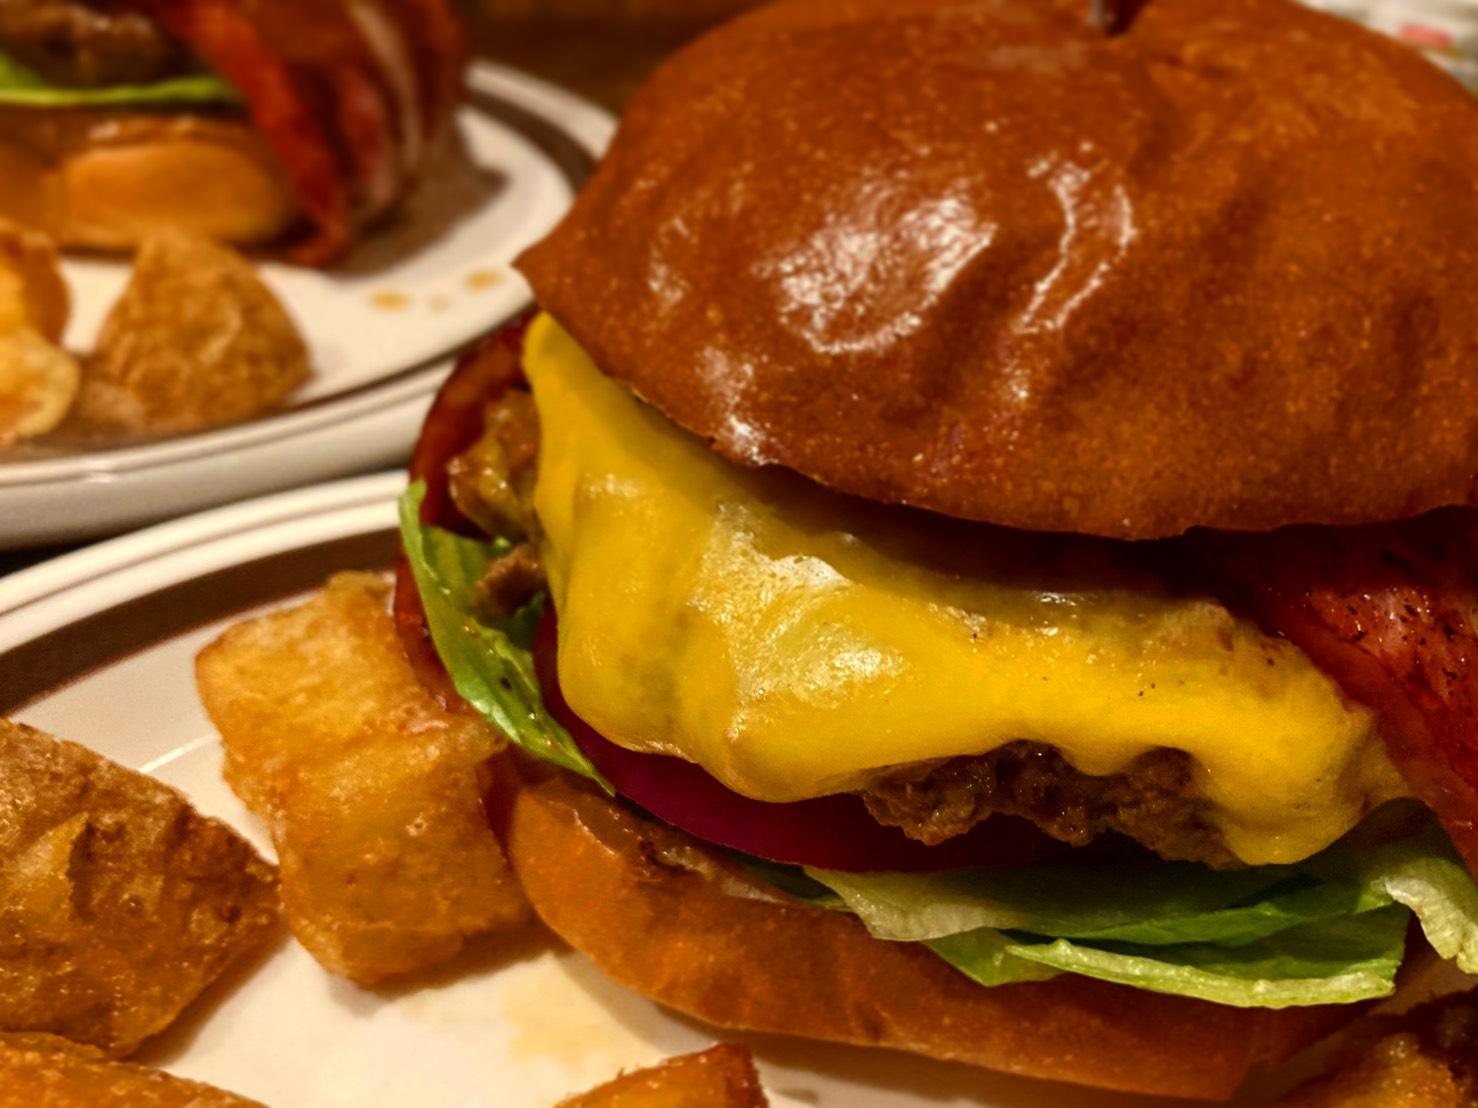 八田|付け合わせのレベルをこえたポテトにも注目の本格ハンバーガーショップ